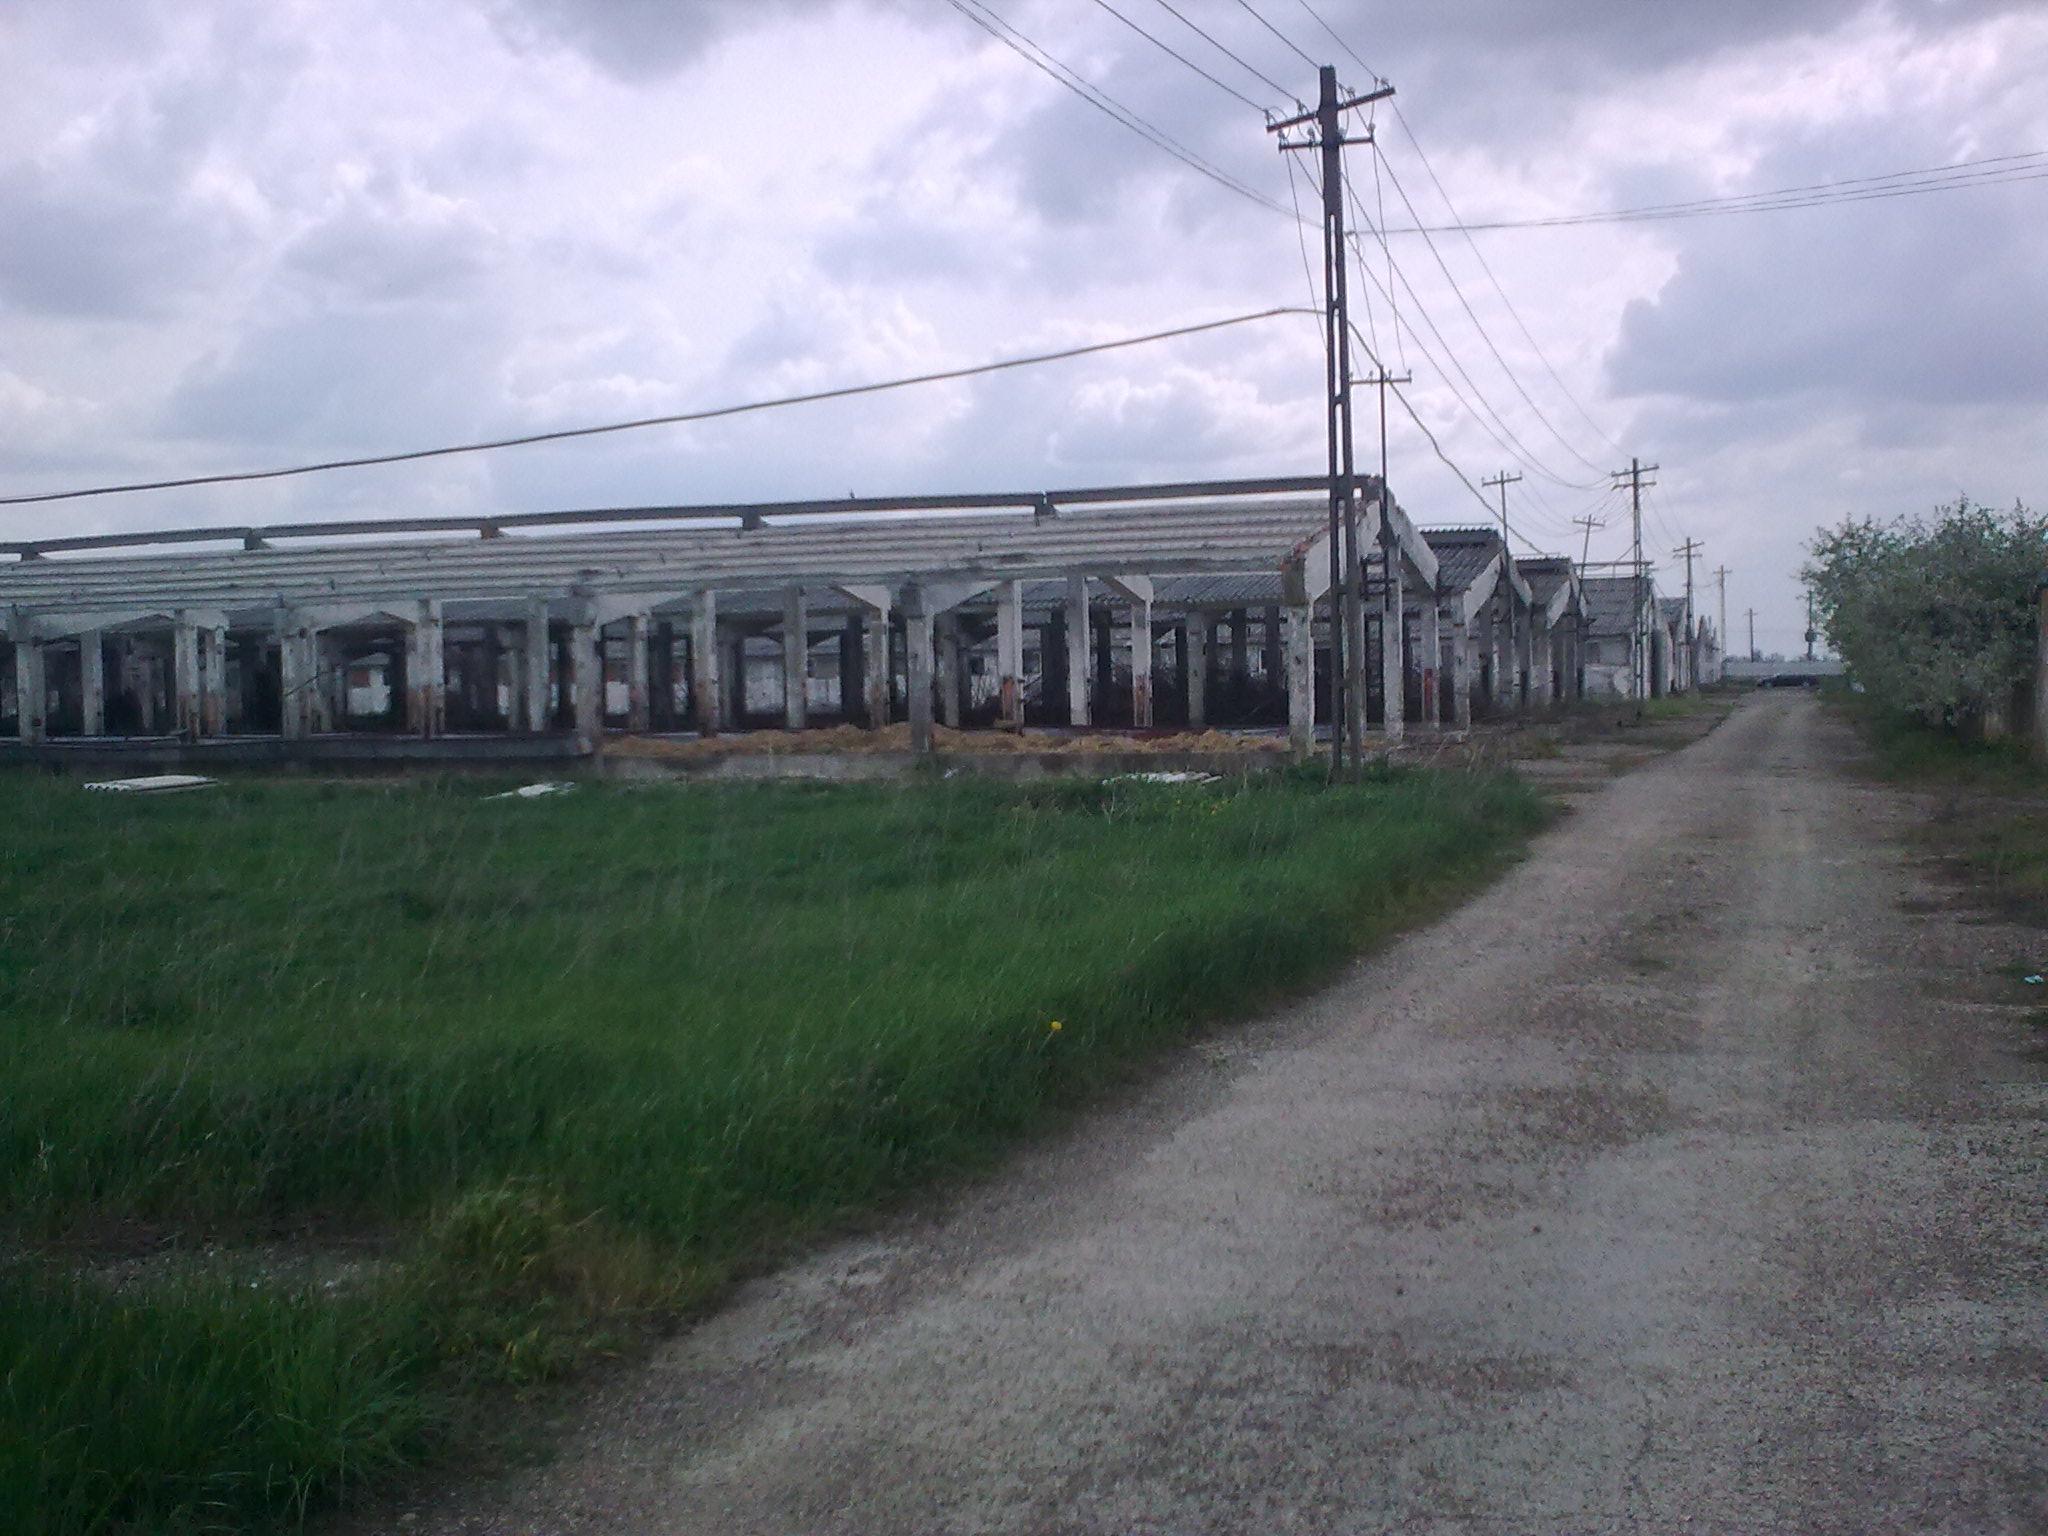 Vendita terreno agricolo comune di suraia vrancea - Agenzie immobiliari bucarest ...